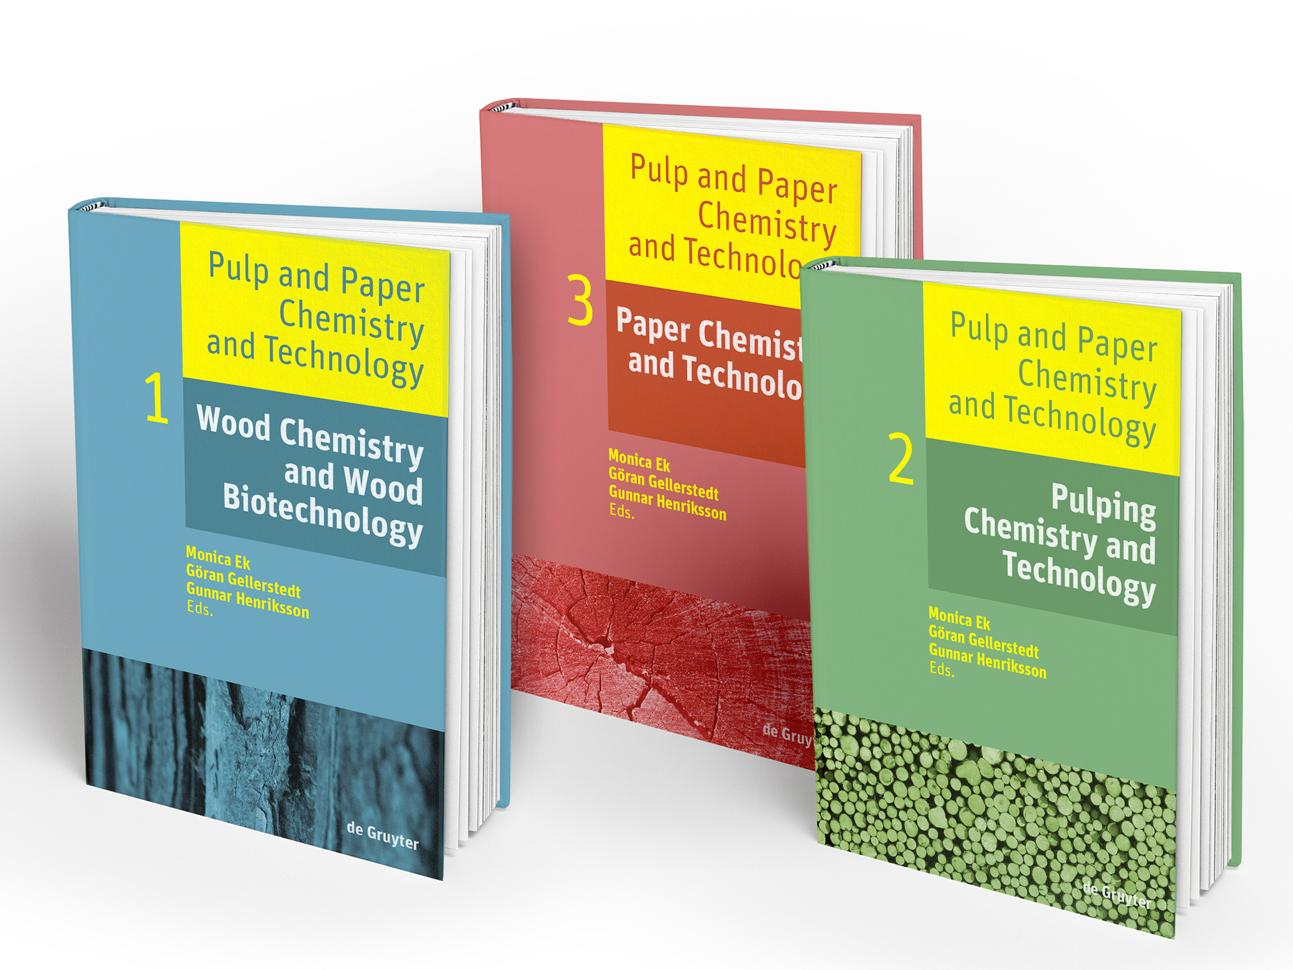 gedeckte farbtöne und starke typografie kennzeichnen das mehrbändige standardwerk zur papierherstellung. das bildkonzept stellt dabei den rohstoff in den mittelpunkt.